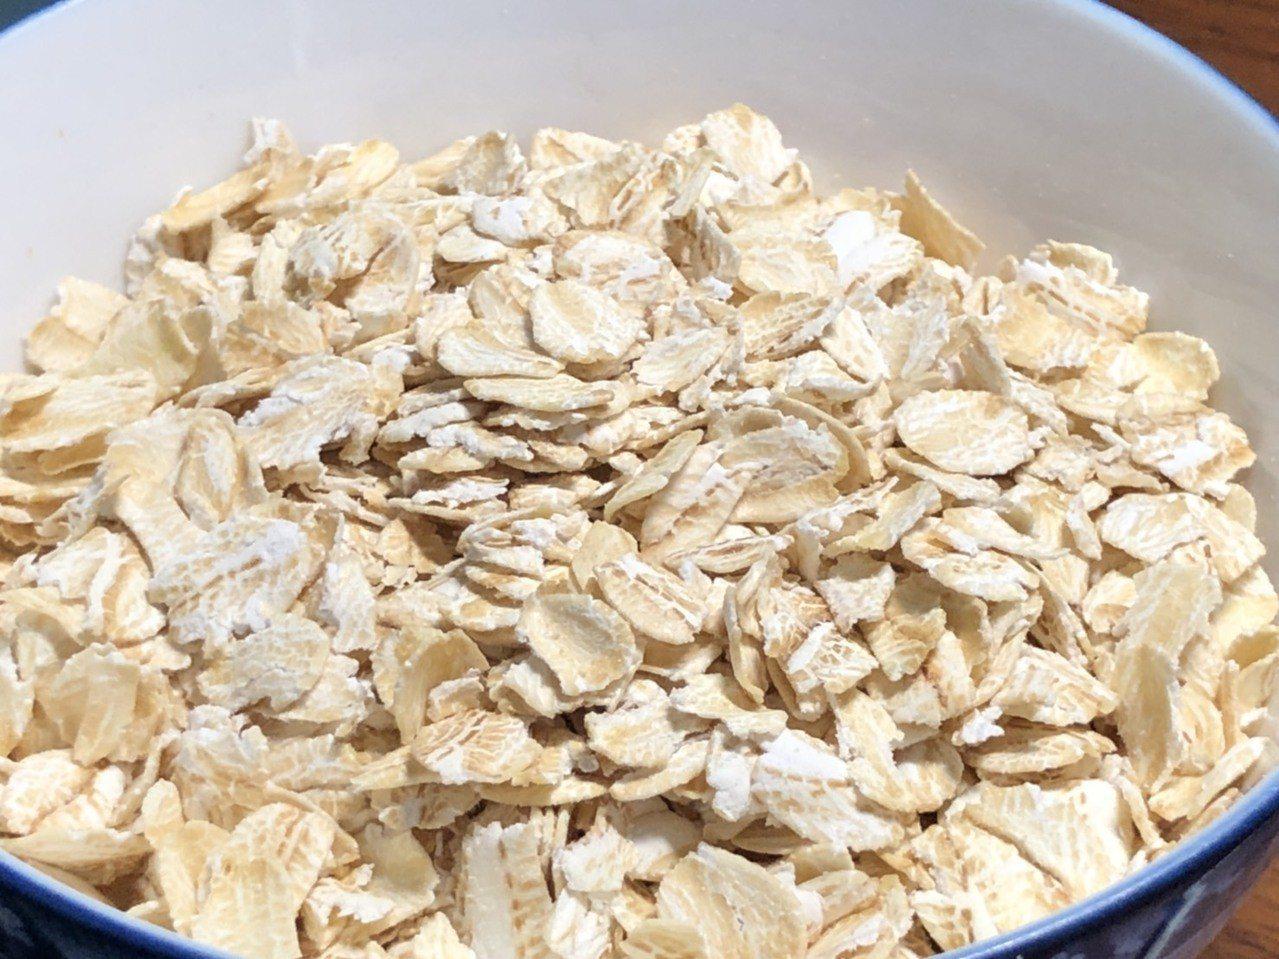 燕麥被視為健康食品,但餐餐靠燕麥減重,反而會攝取過多熱量,反使體重增加。記者江良...